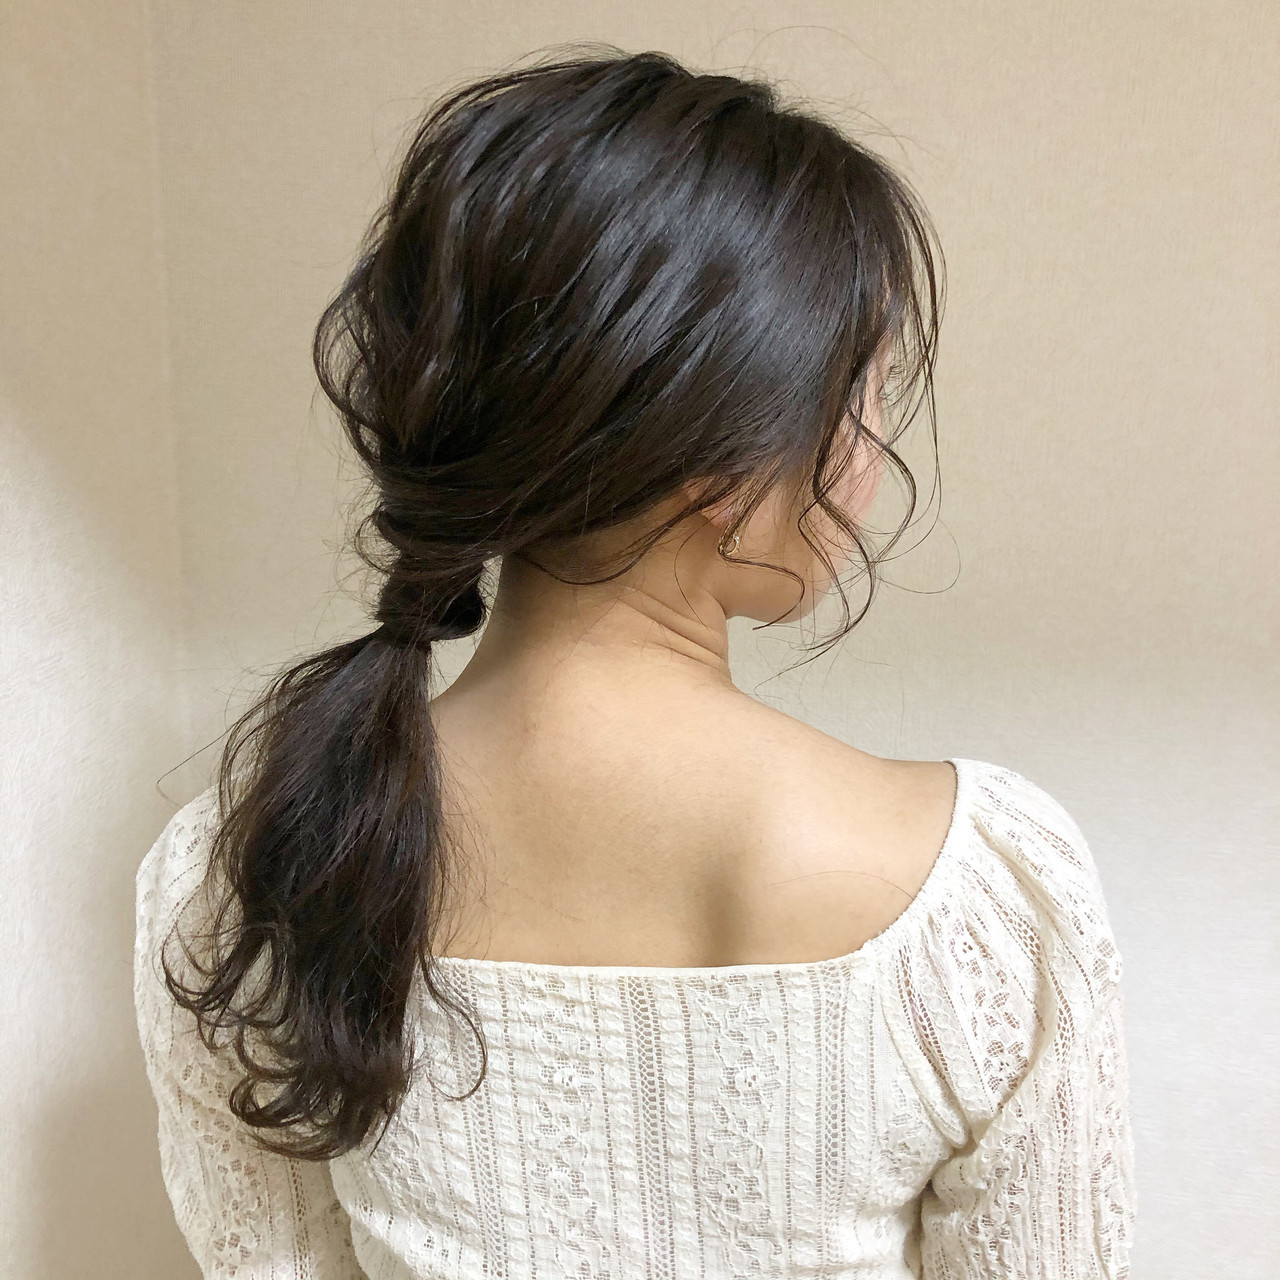 ふわふわヘアアレンジ ポニーテール ナチュラル ゆるふわセット ヘアスタイルや髪型の写真・画像